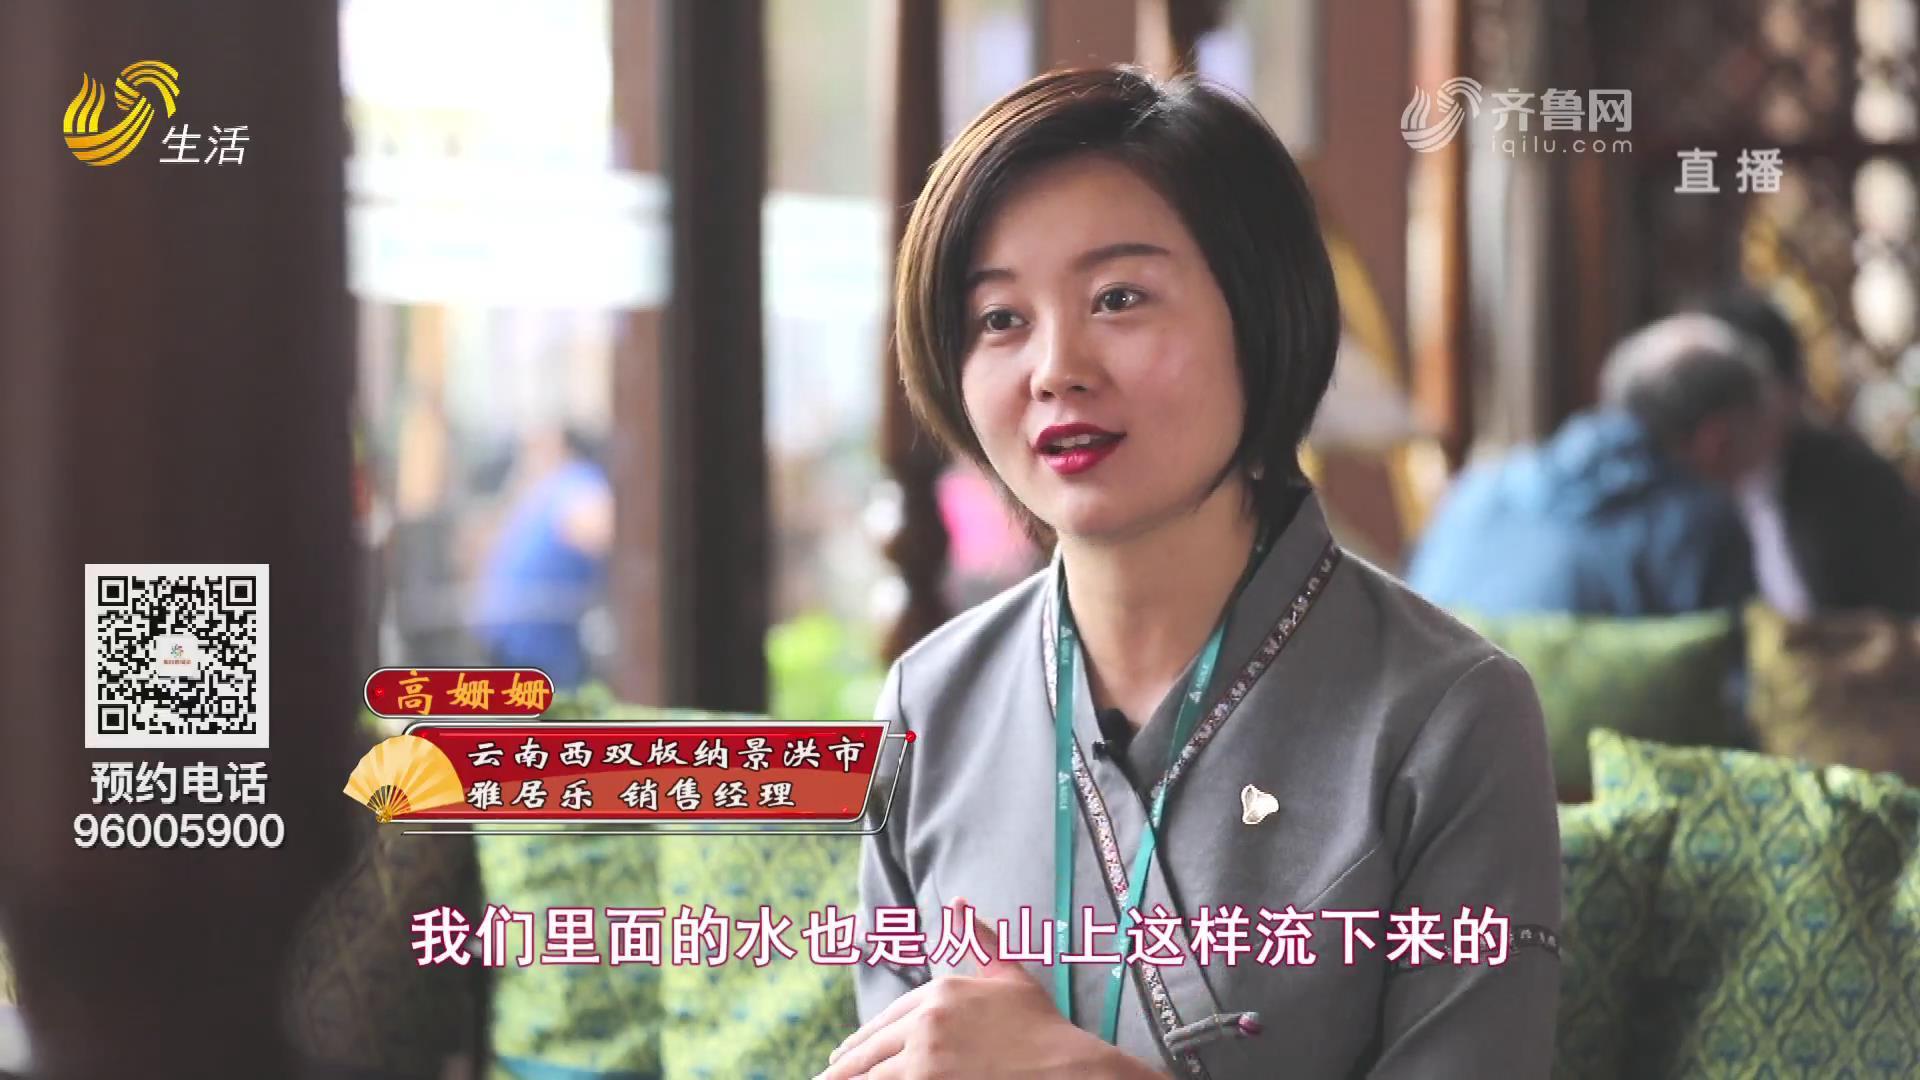 中國式養老-生活在版納 是一種怎樣的體驗